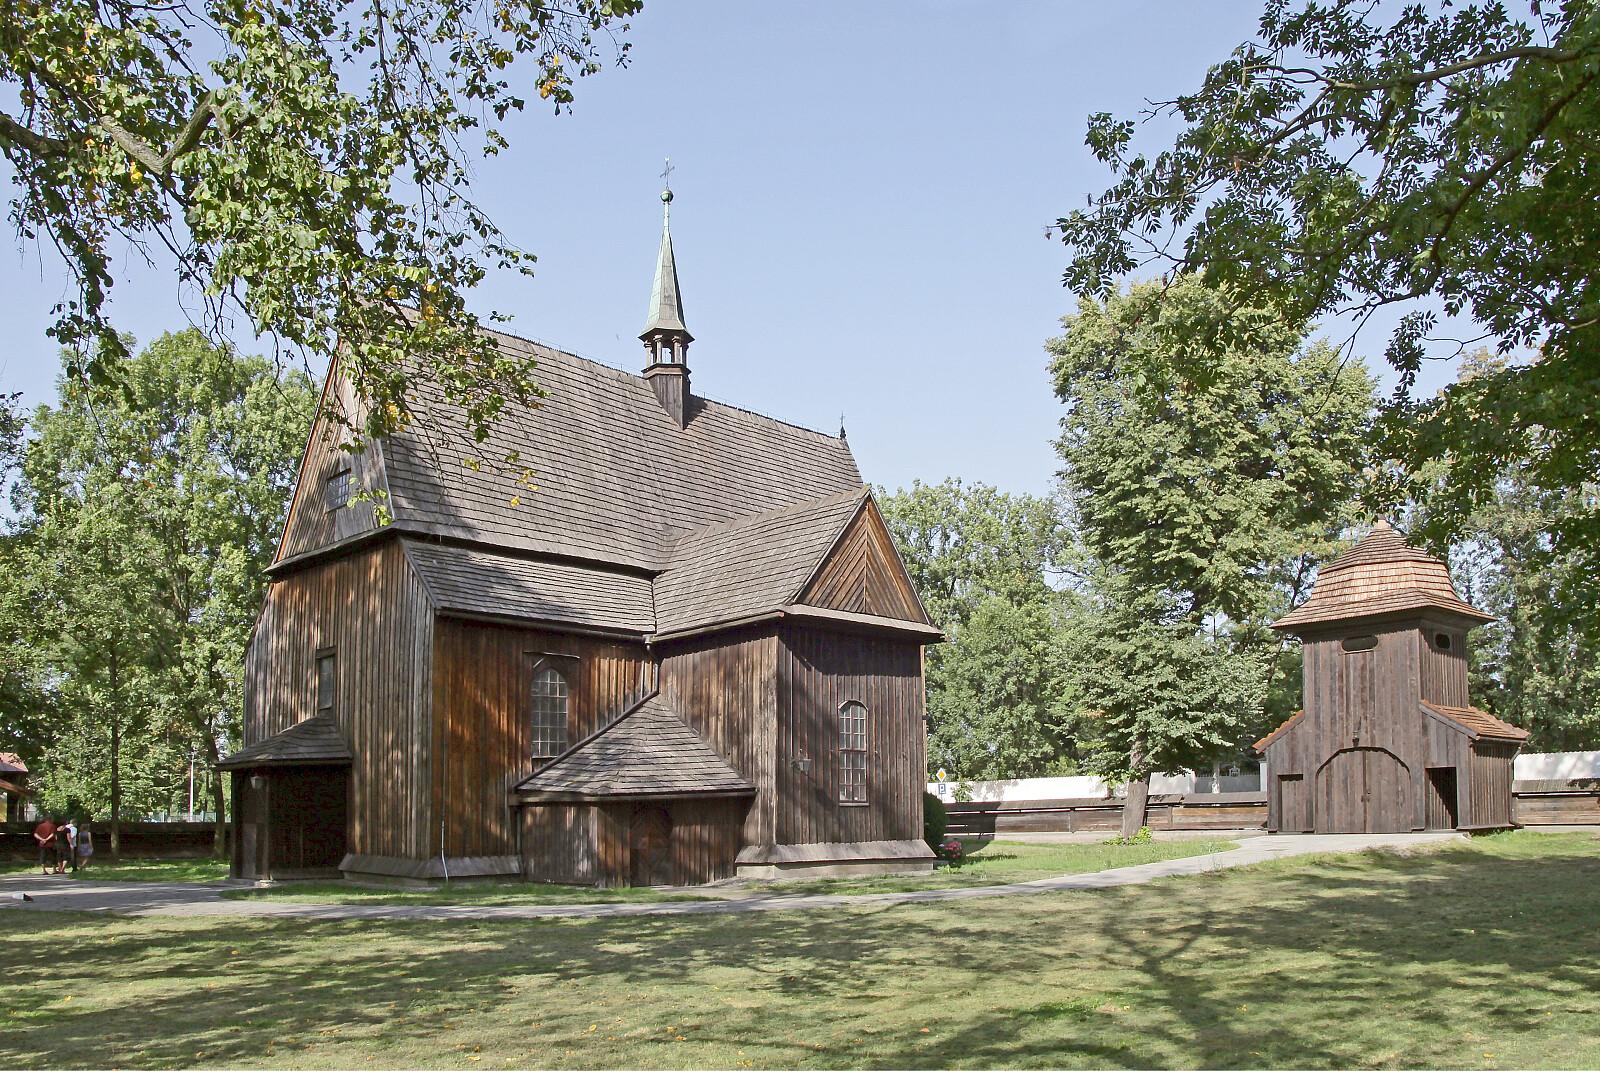 Drewniany kościół św. Bartłomieja w Mogile (fot. manka / depositphotos.com)